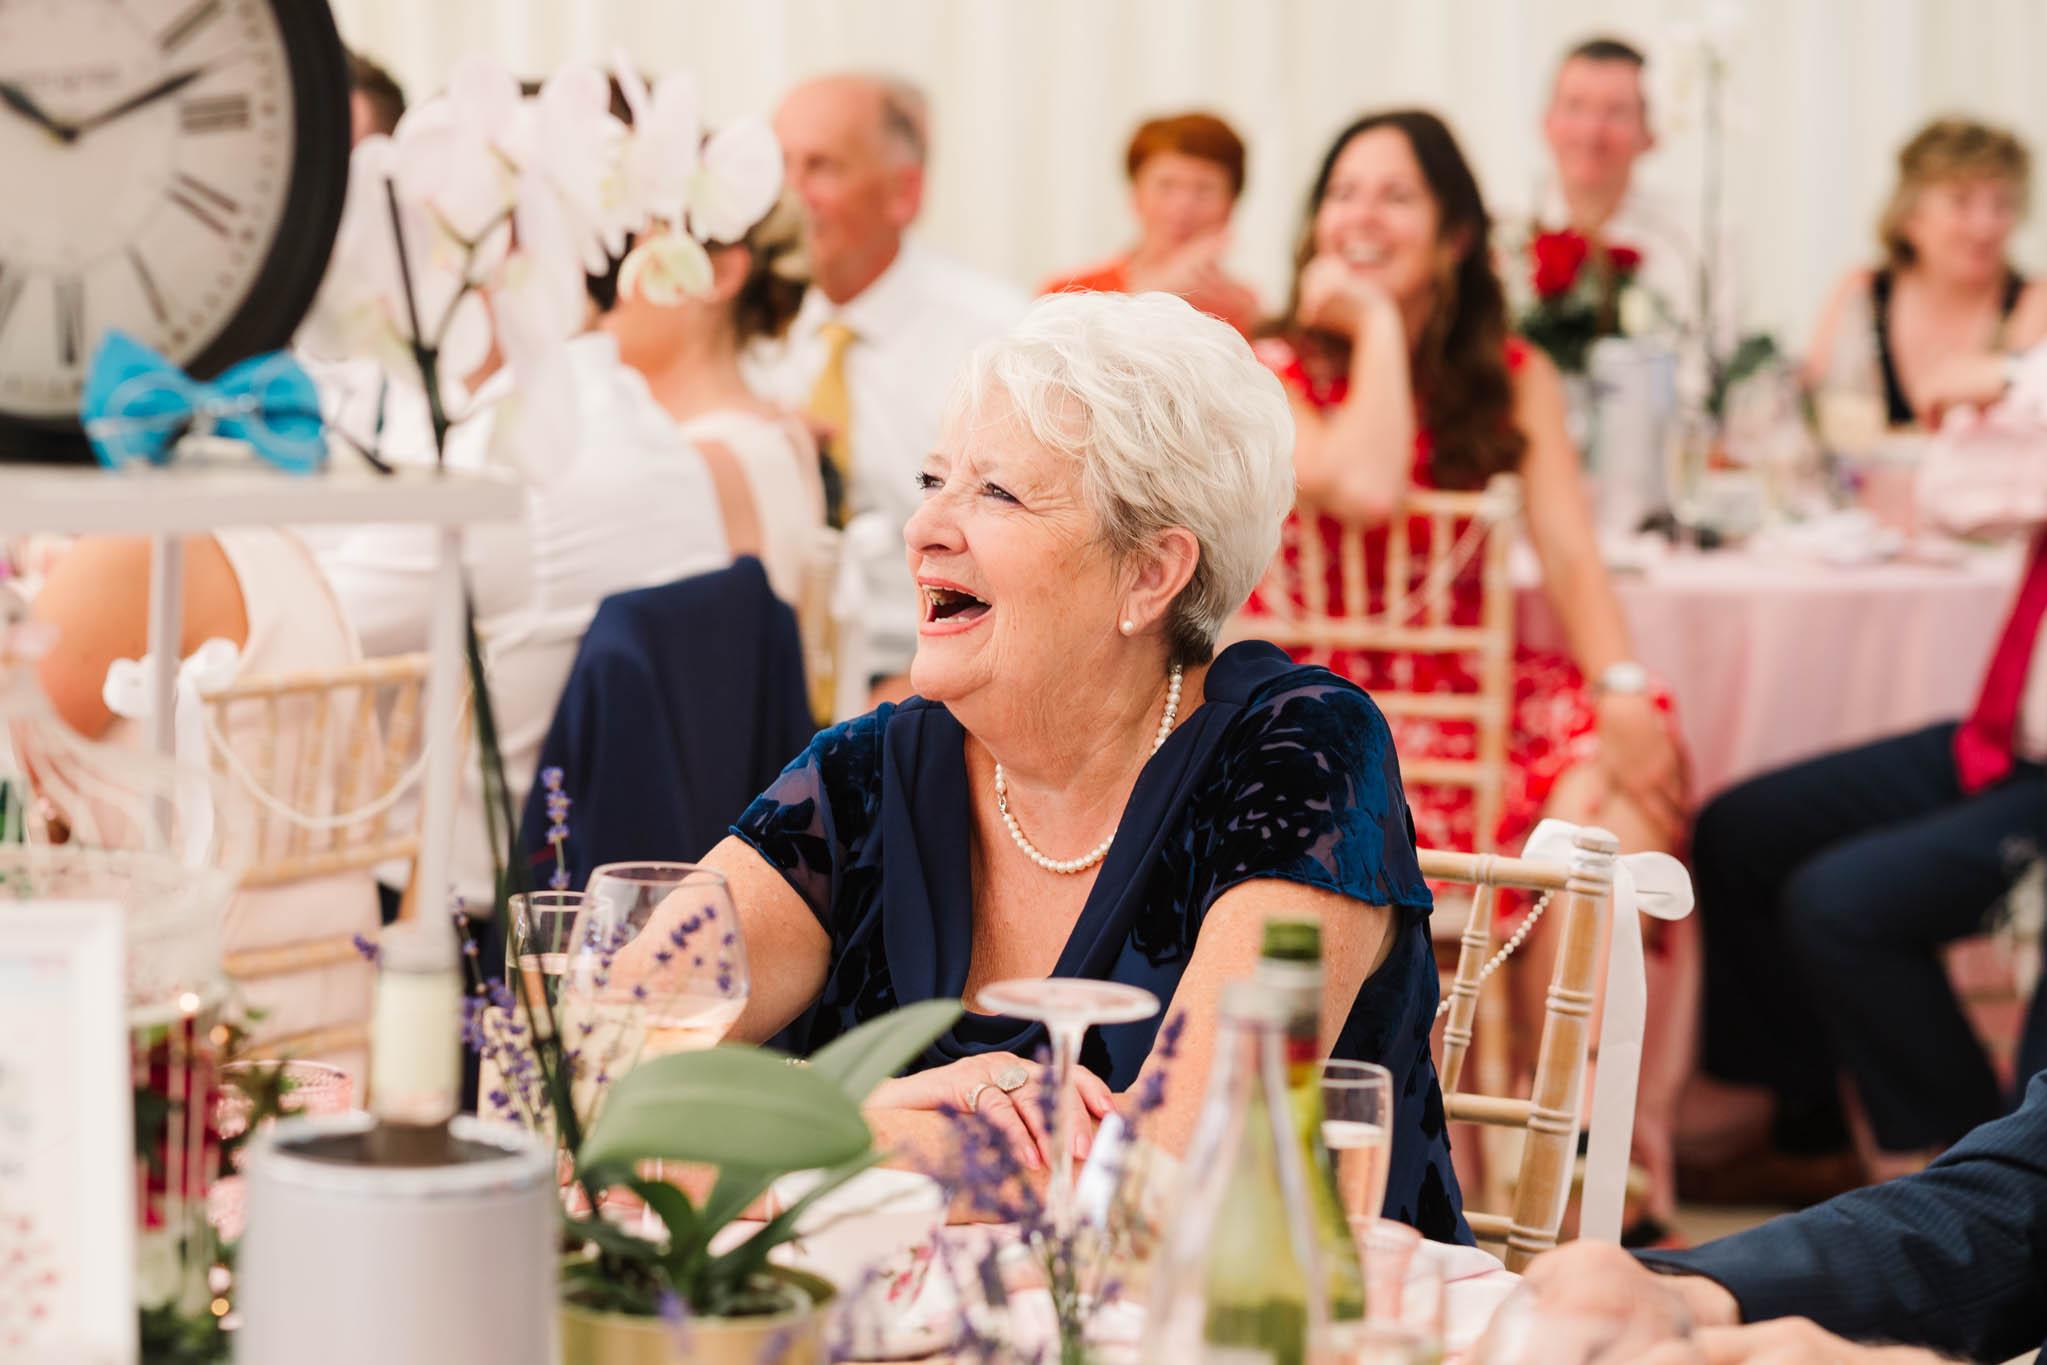 nan laughing at table